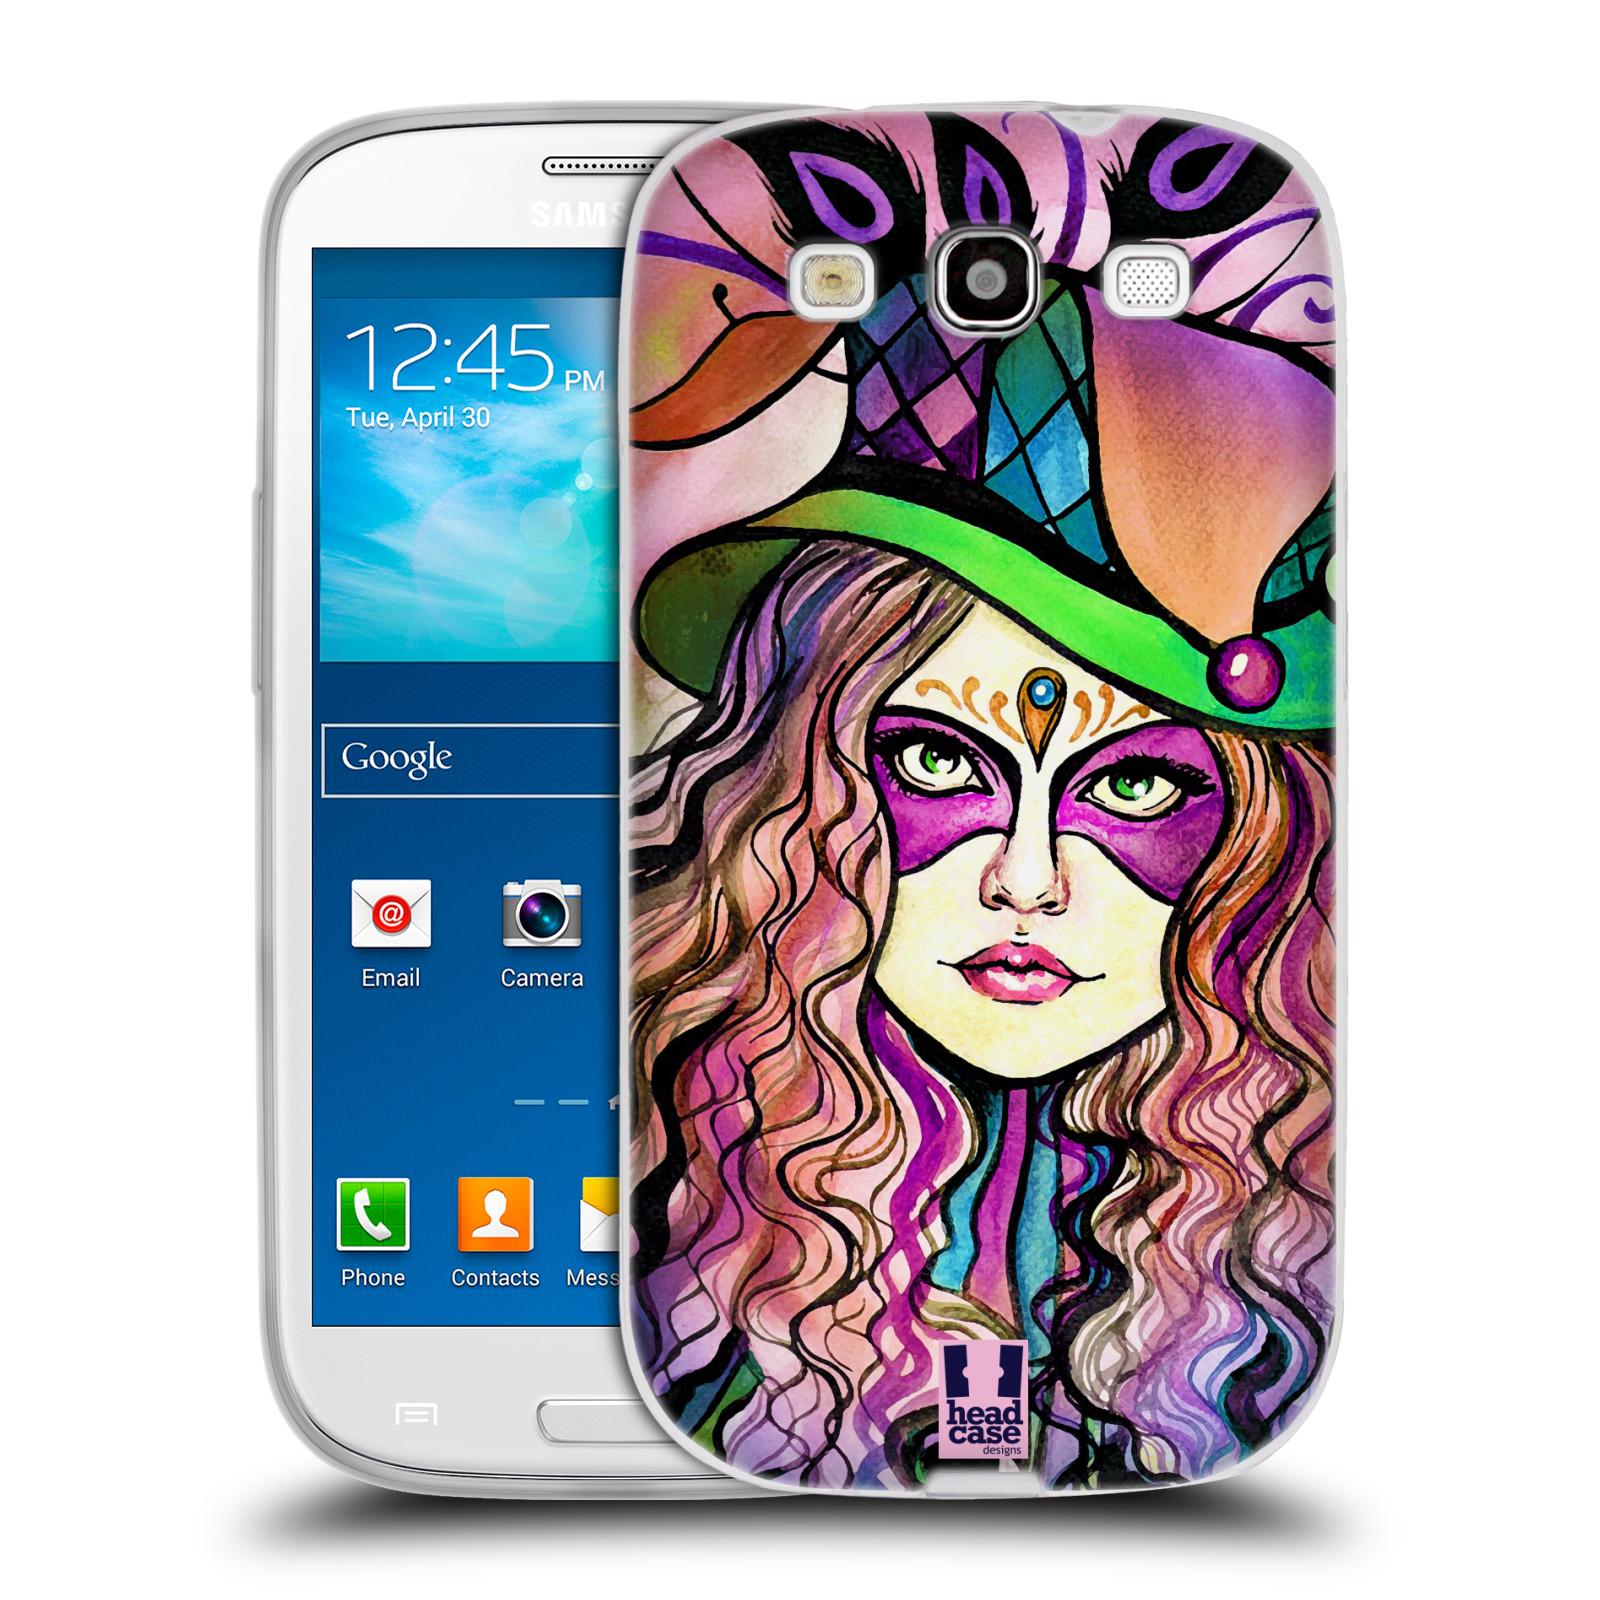 HEAD CASE silikonový obal na mobil Samsung Galaxy S3 i9300 vzor Maškarní ples masky kreslené vzory KLOBOUK